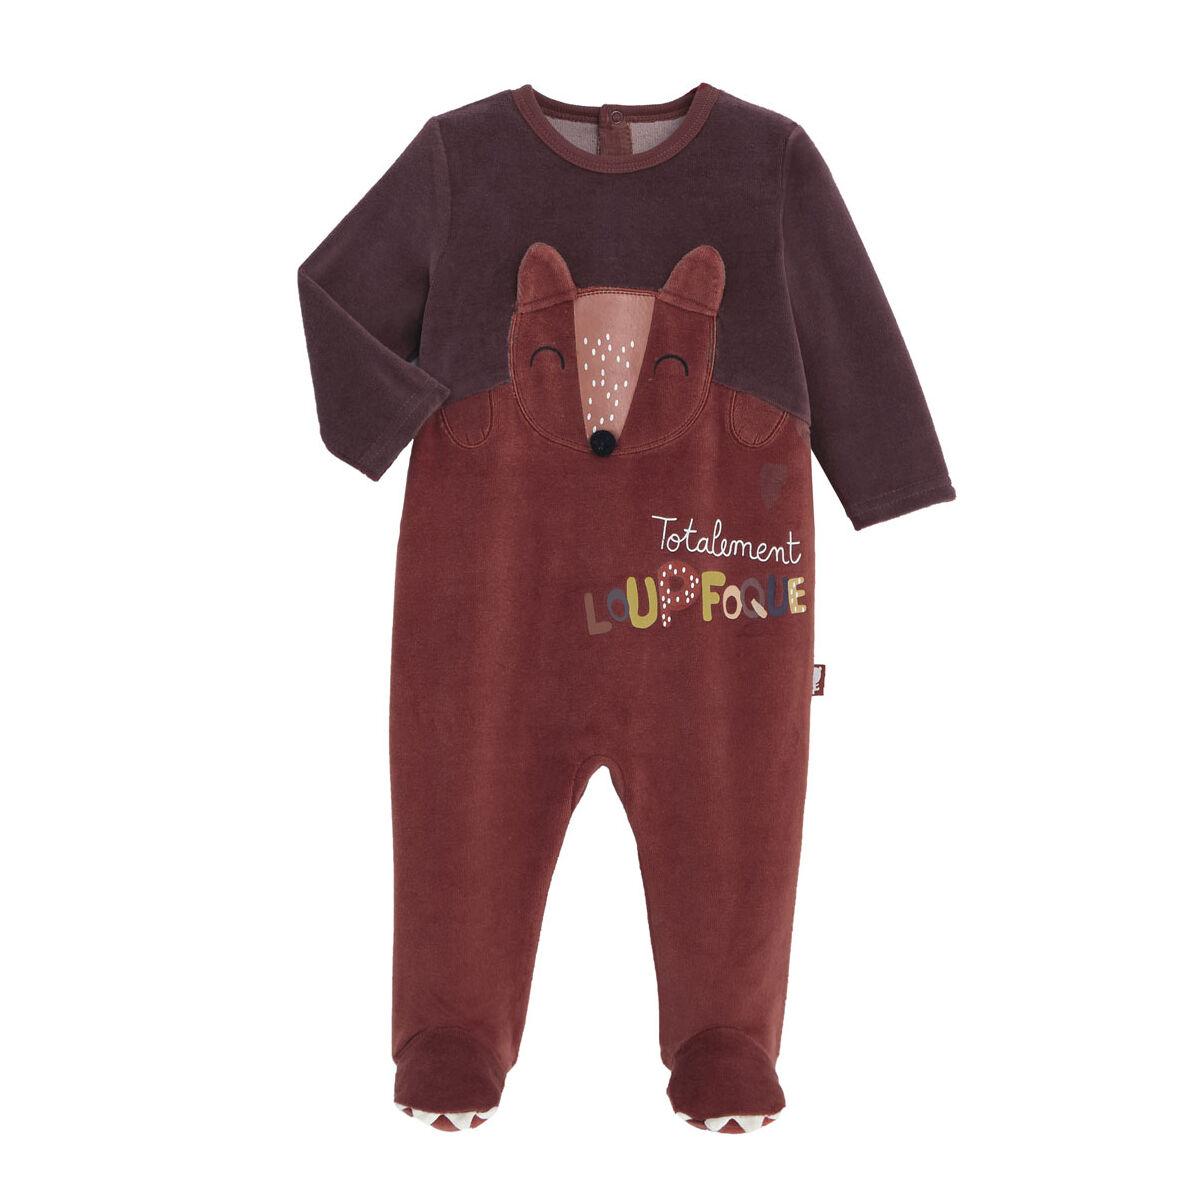 Petit Béguin Pyjama bébé en velours contenant du coton bio Loupfoque - Taille - 18 mois